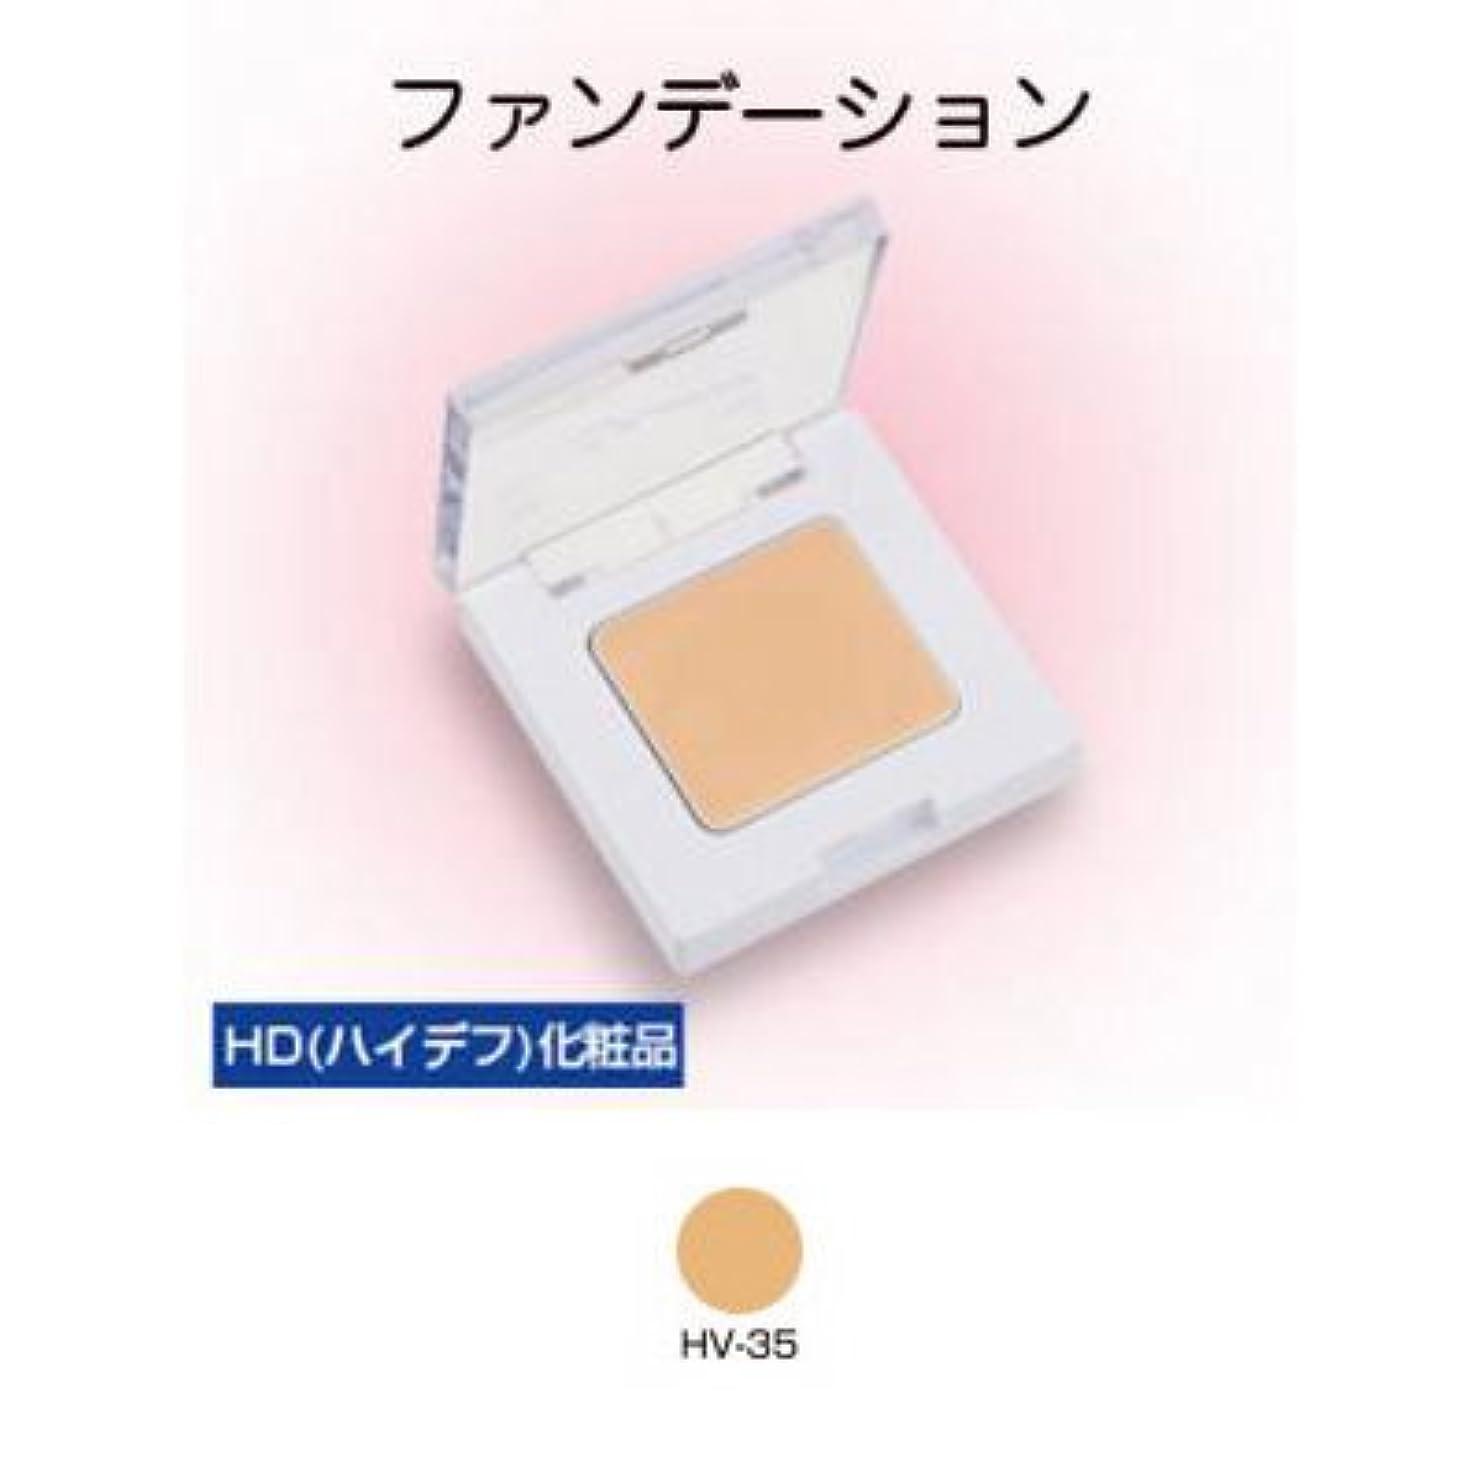 ランク姪ダースシャレナ カバーファンデーション ミニ HV-35 【三善】